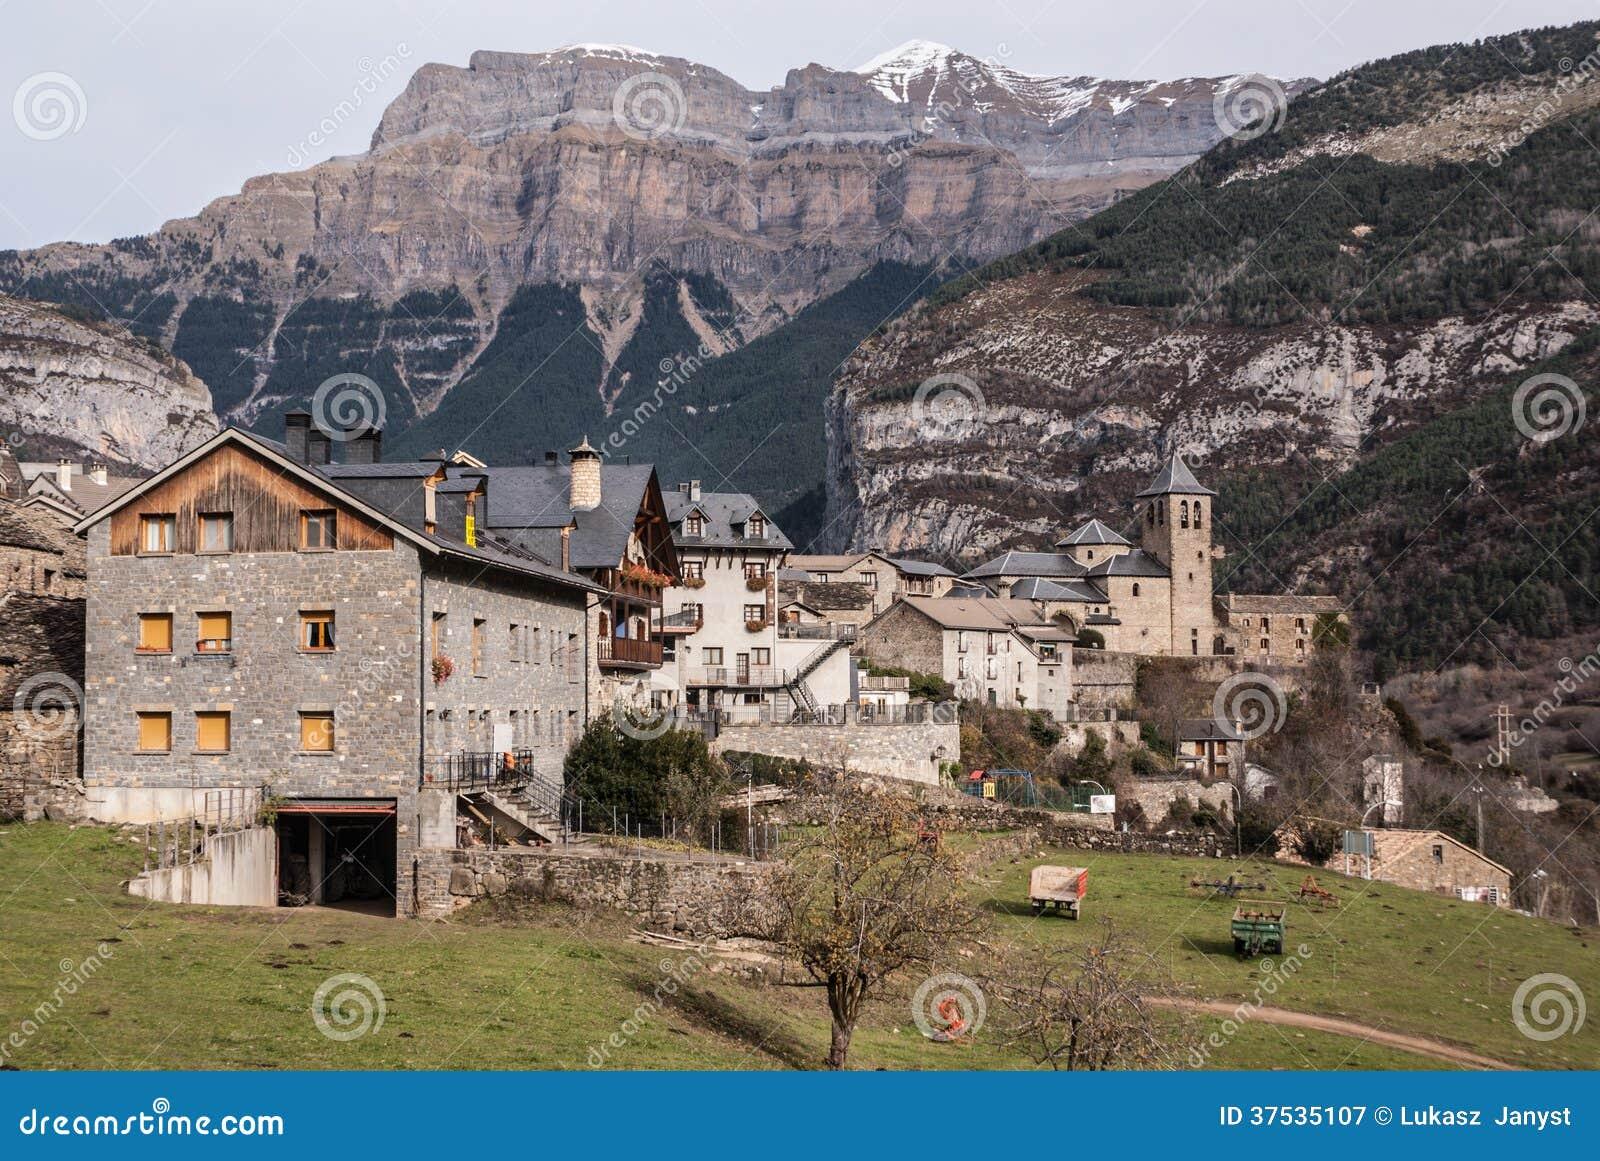 Cidade da montanha, Torla, Pyrenees, Ordesa y Monte Perdido National